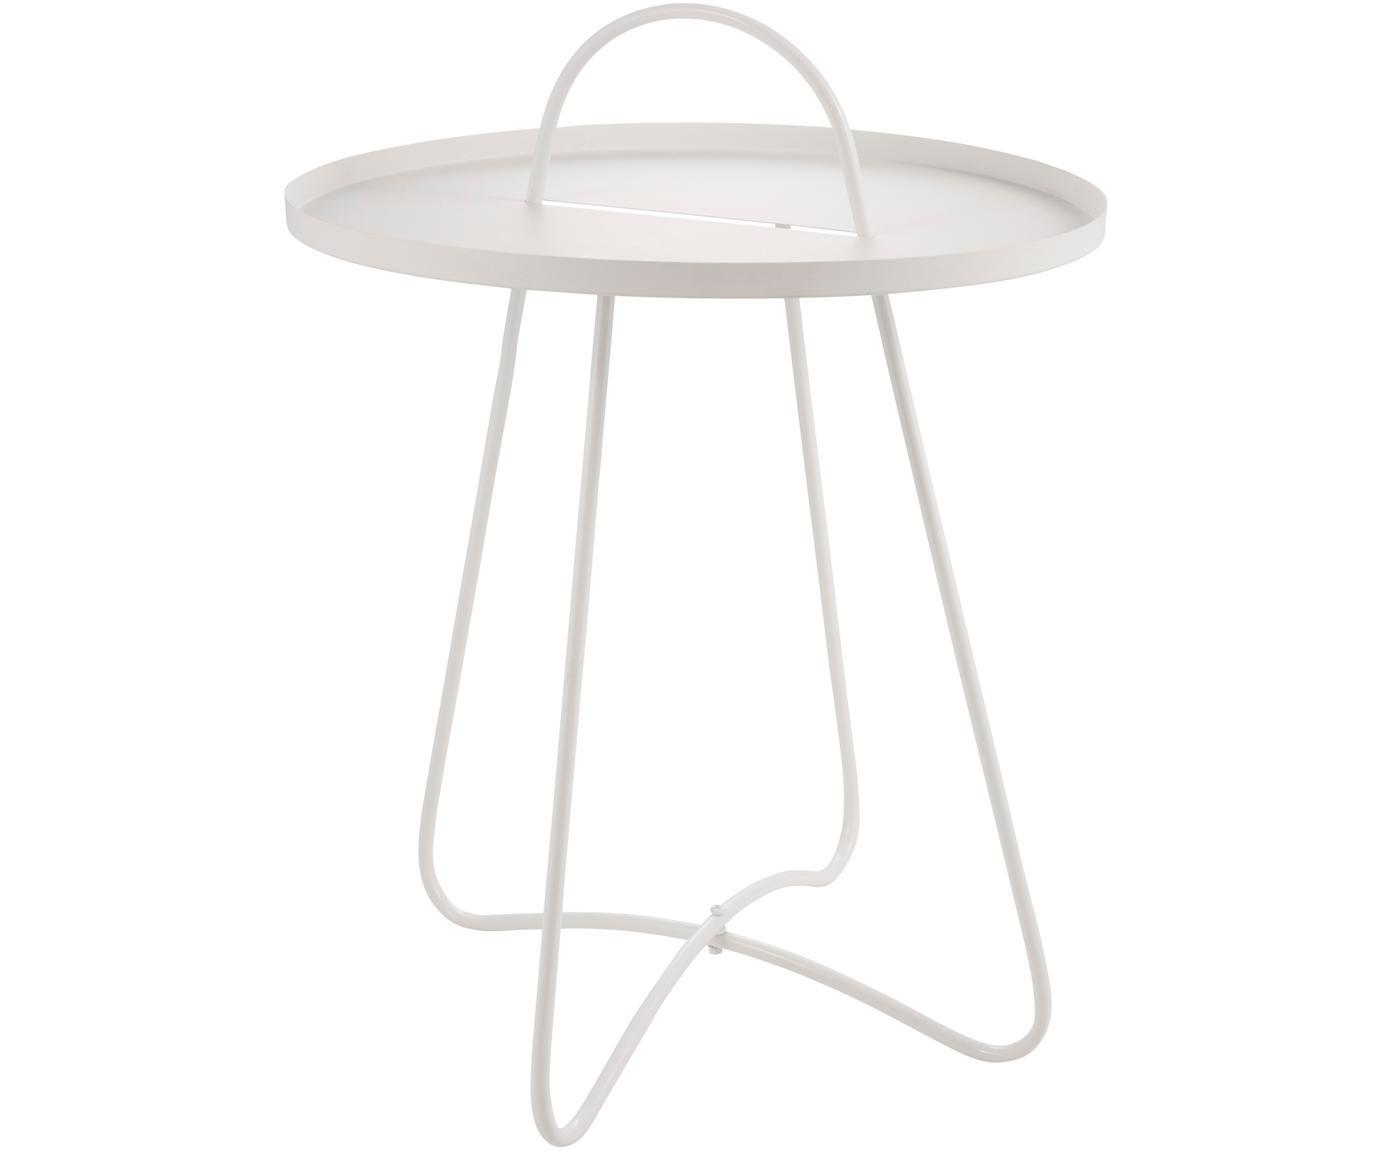 Tavolino rotondo in metallo Pronto, Metallo rivestito, Bianco, Ø 46 x Alt. 58 cm